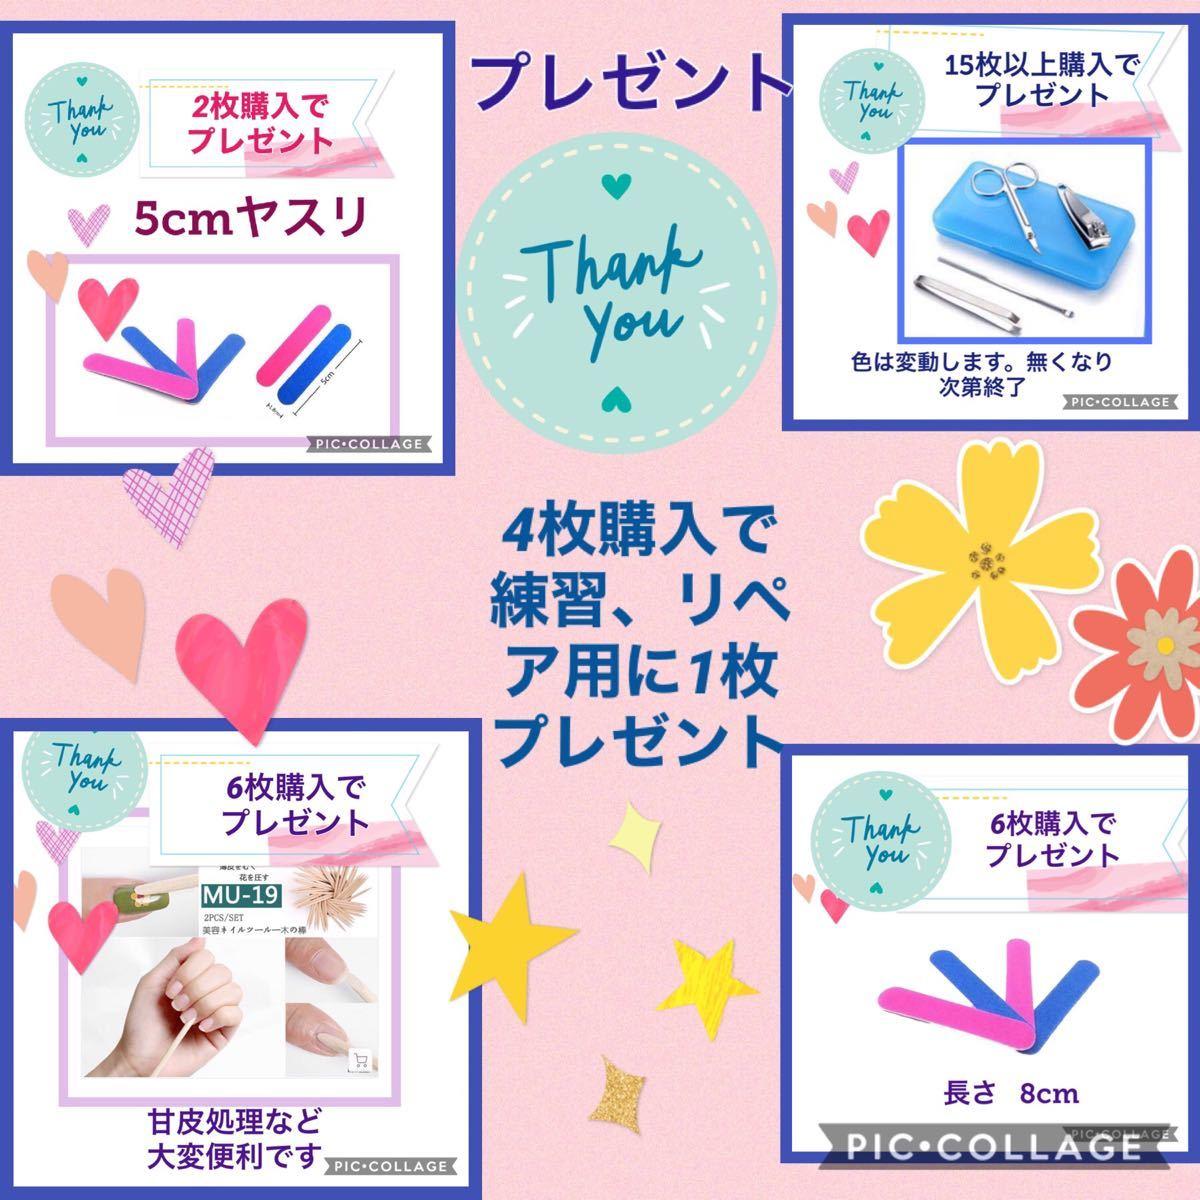 【4枚購入でシール1枚プレゼント】簡単貼るだけジェルネイルシール☆。.:*